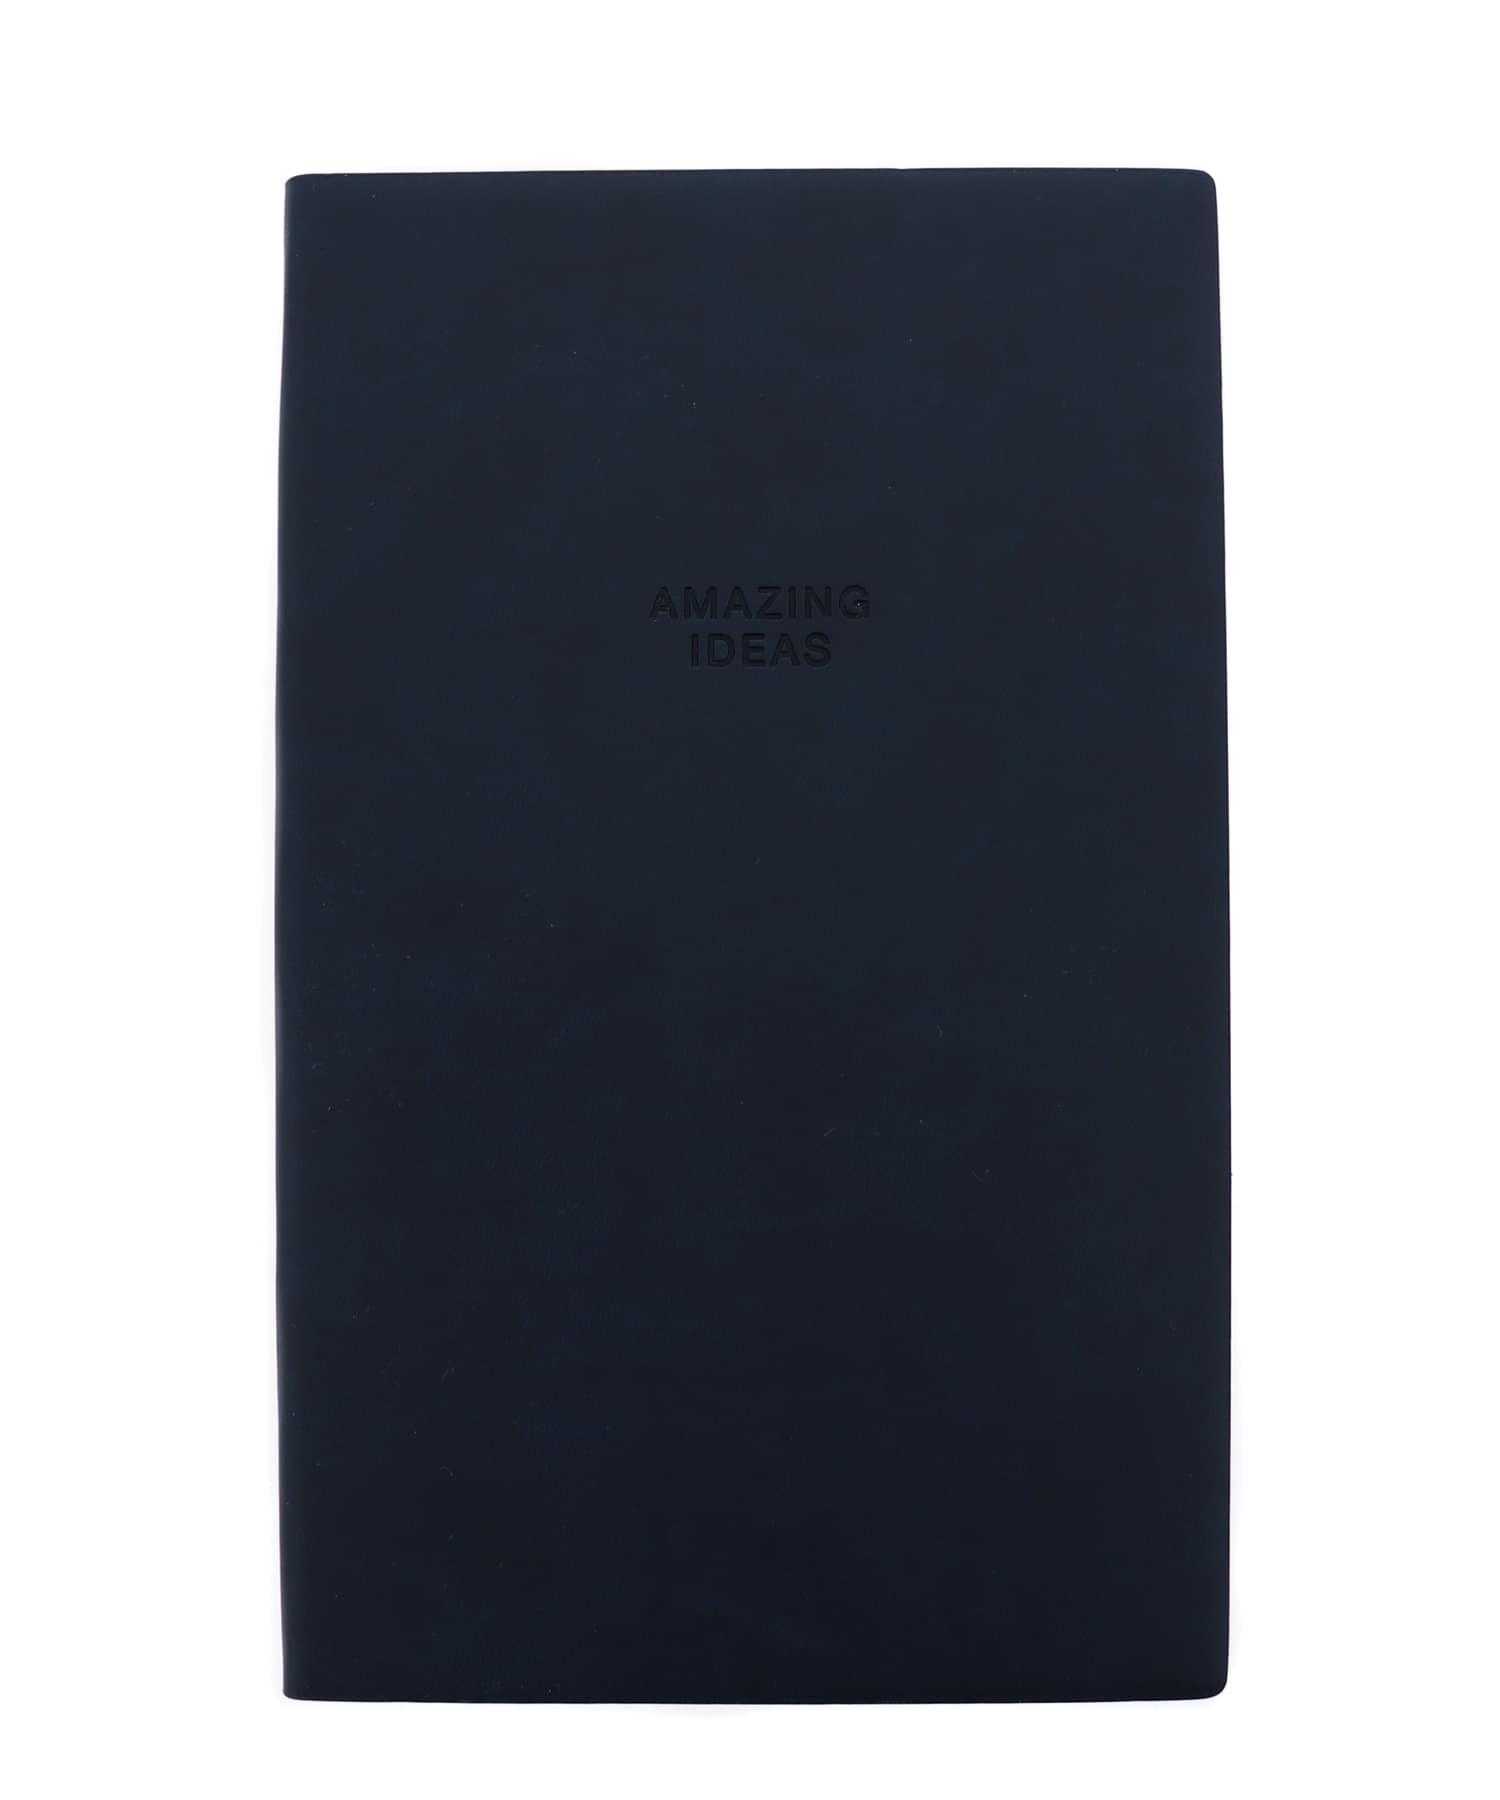 3COINS(スリーコインズ) 【ASOKO】アイデアが湧き出るノート